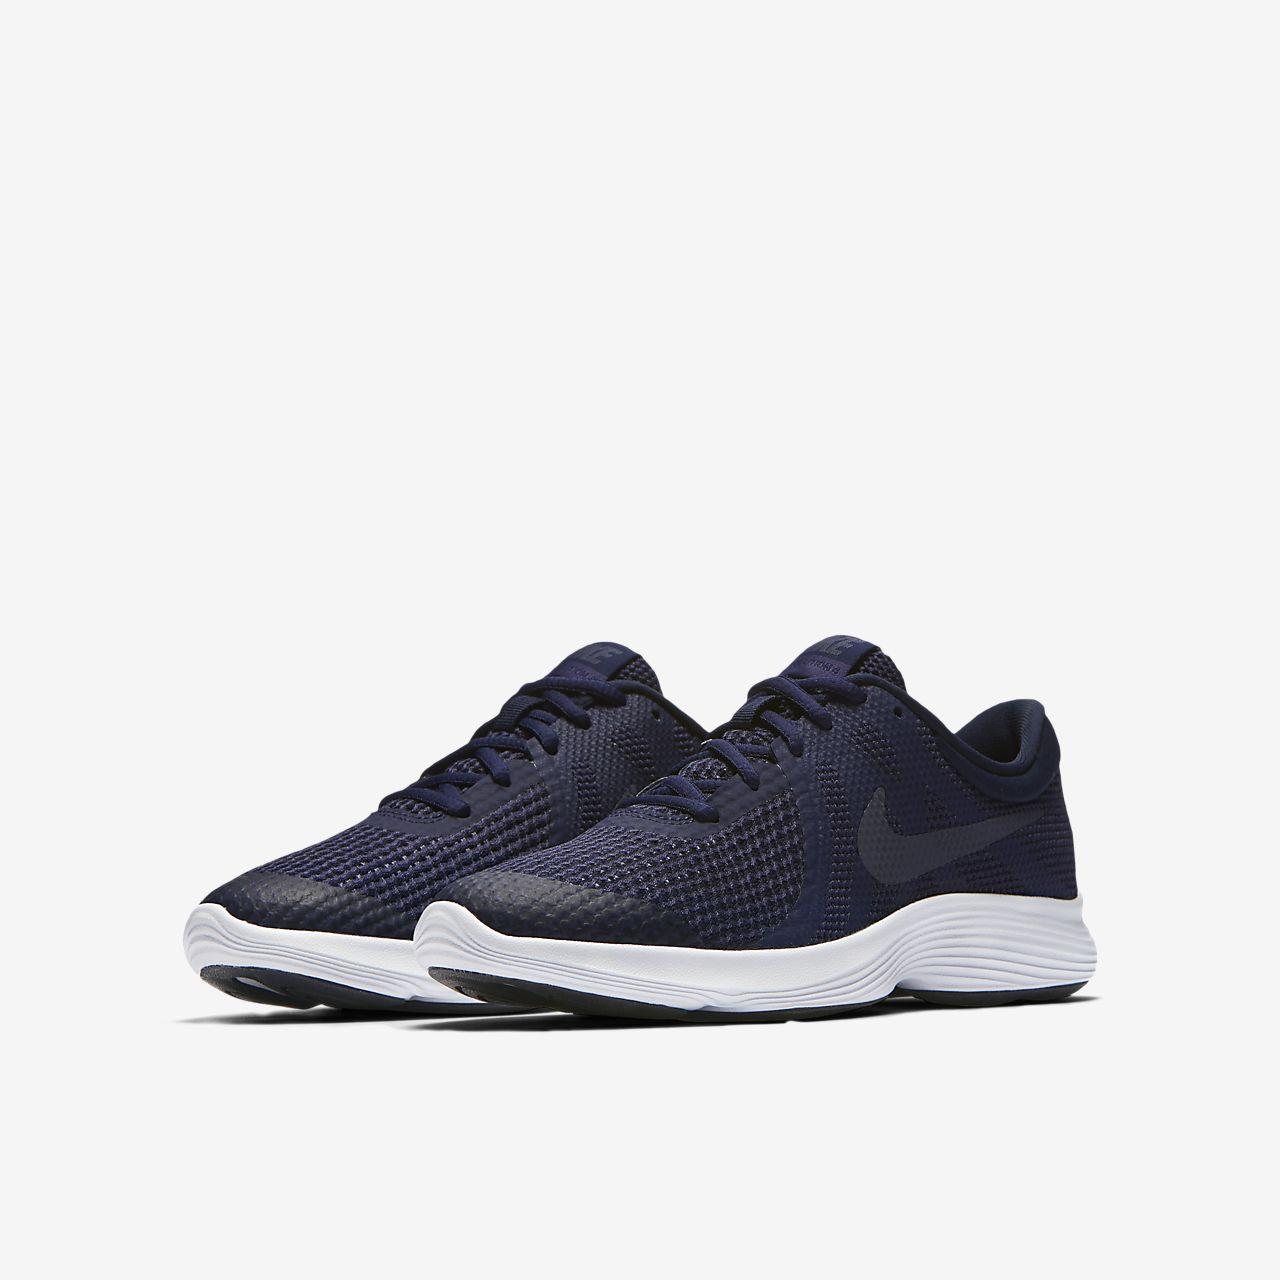 Zapatillas Running Hombre Nike Revolution 4 Índigo | Oechsle